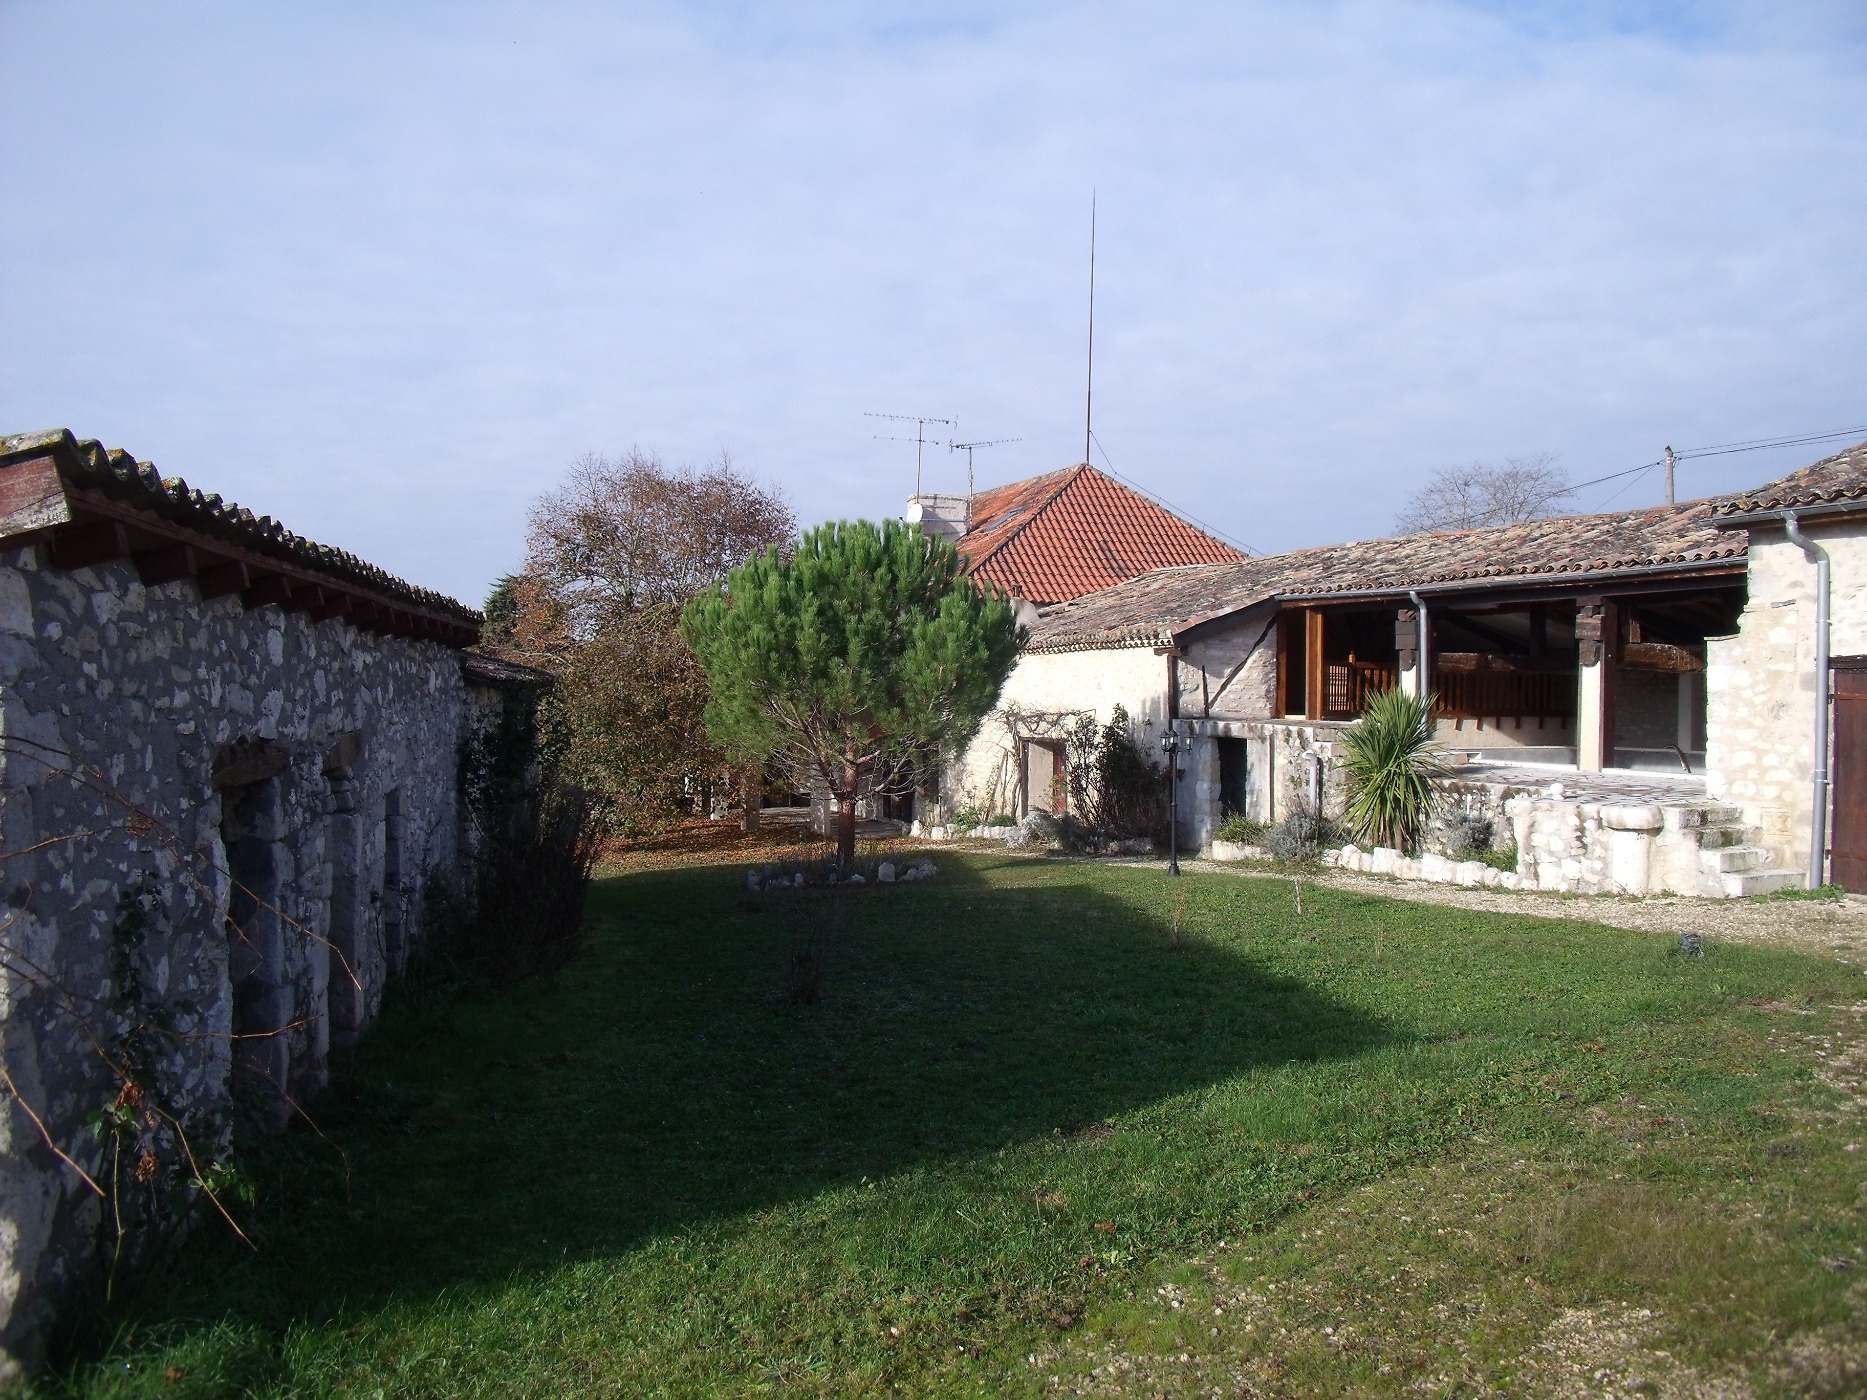 Vente maison/villa 7 pièces lacaussade 47150